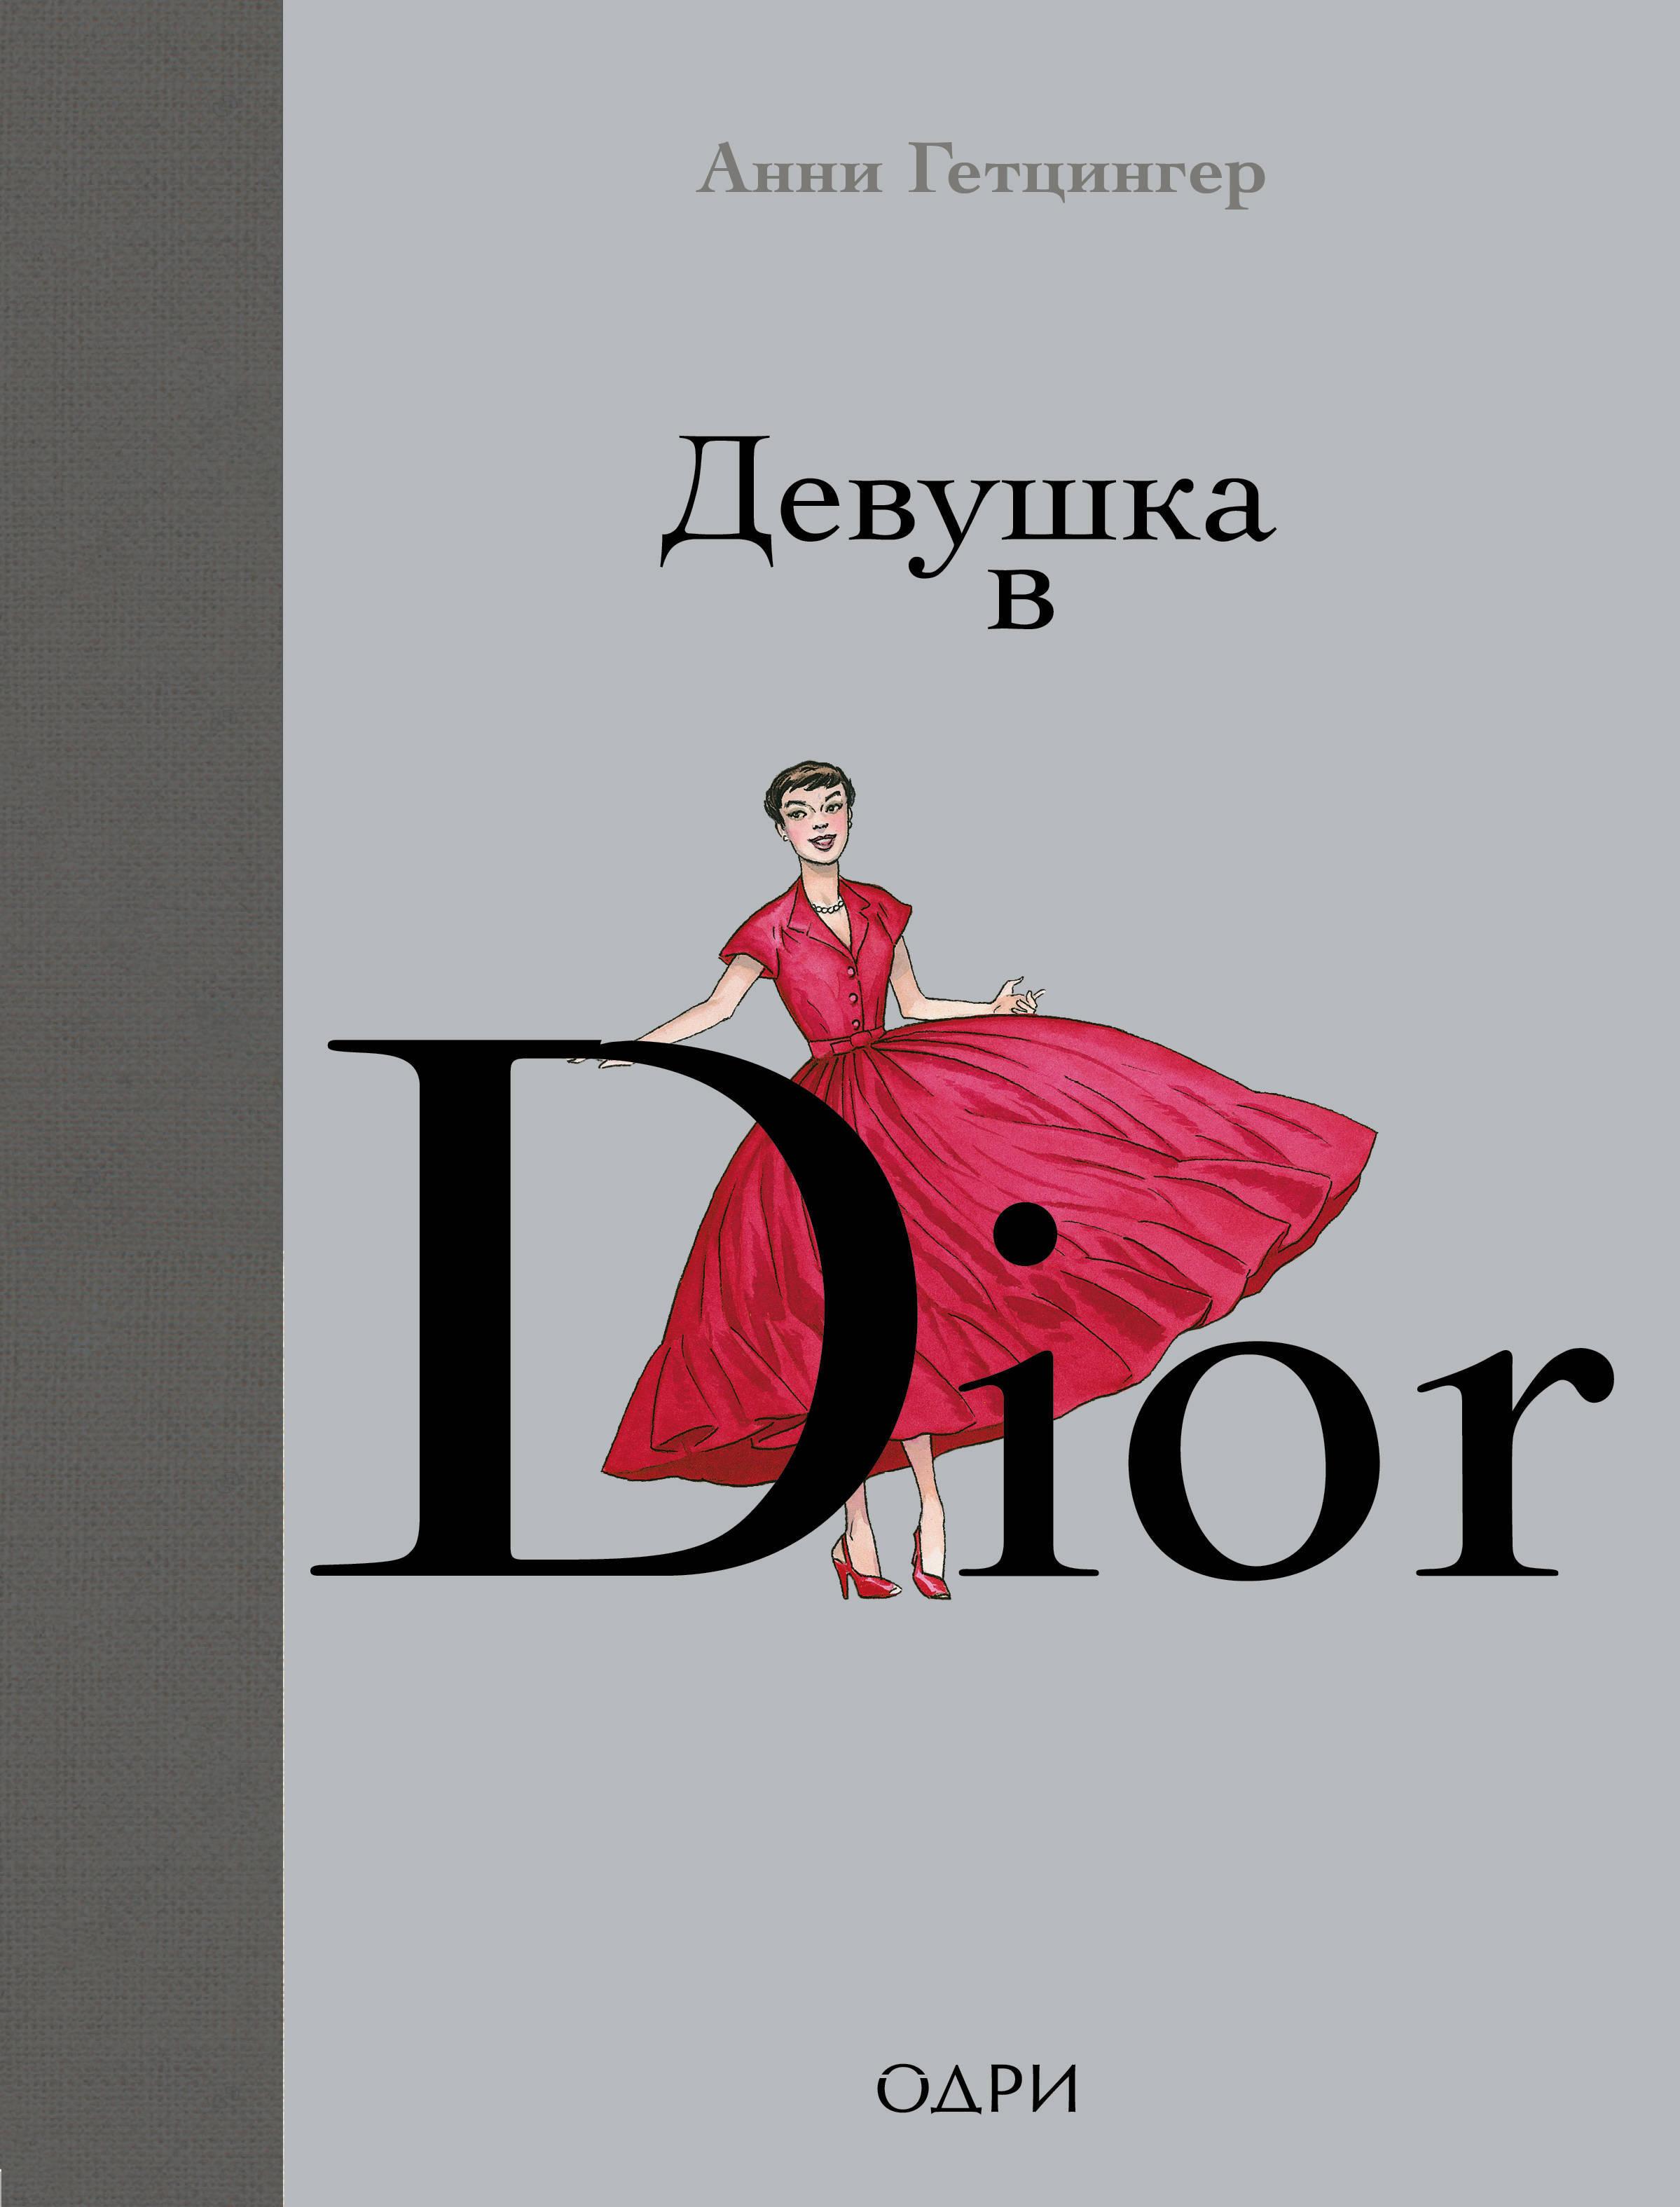 Гетцингер Анни. Девушка в Dior | Гетцингер Анни